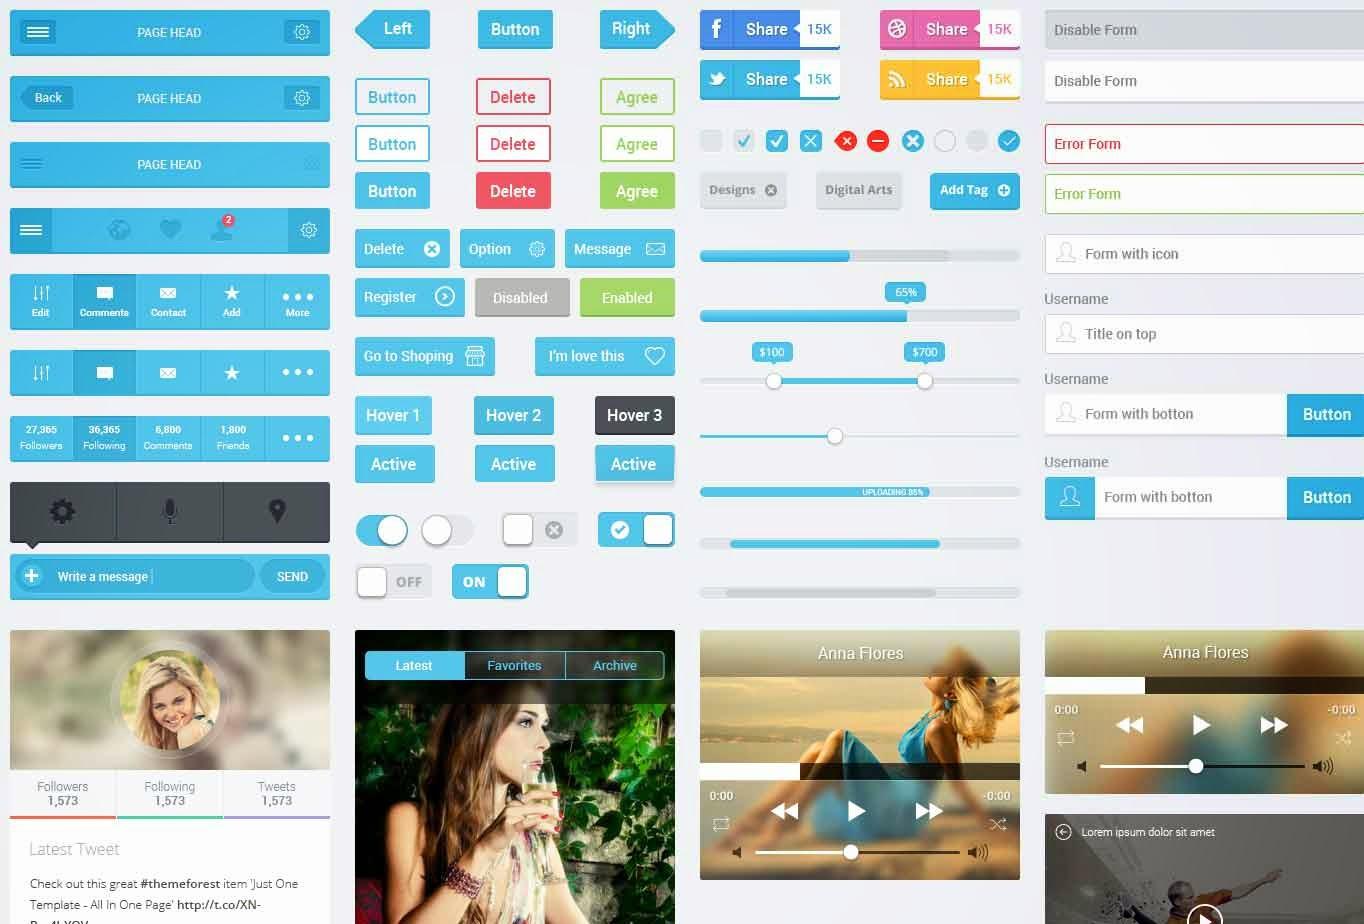 Flatastic – Free Flat Mobile UI Kit